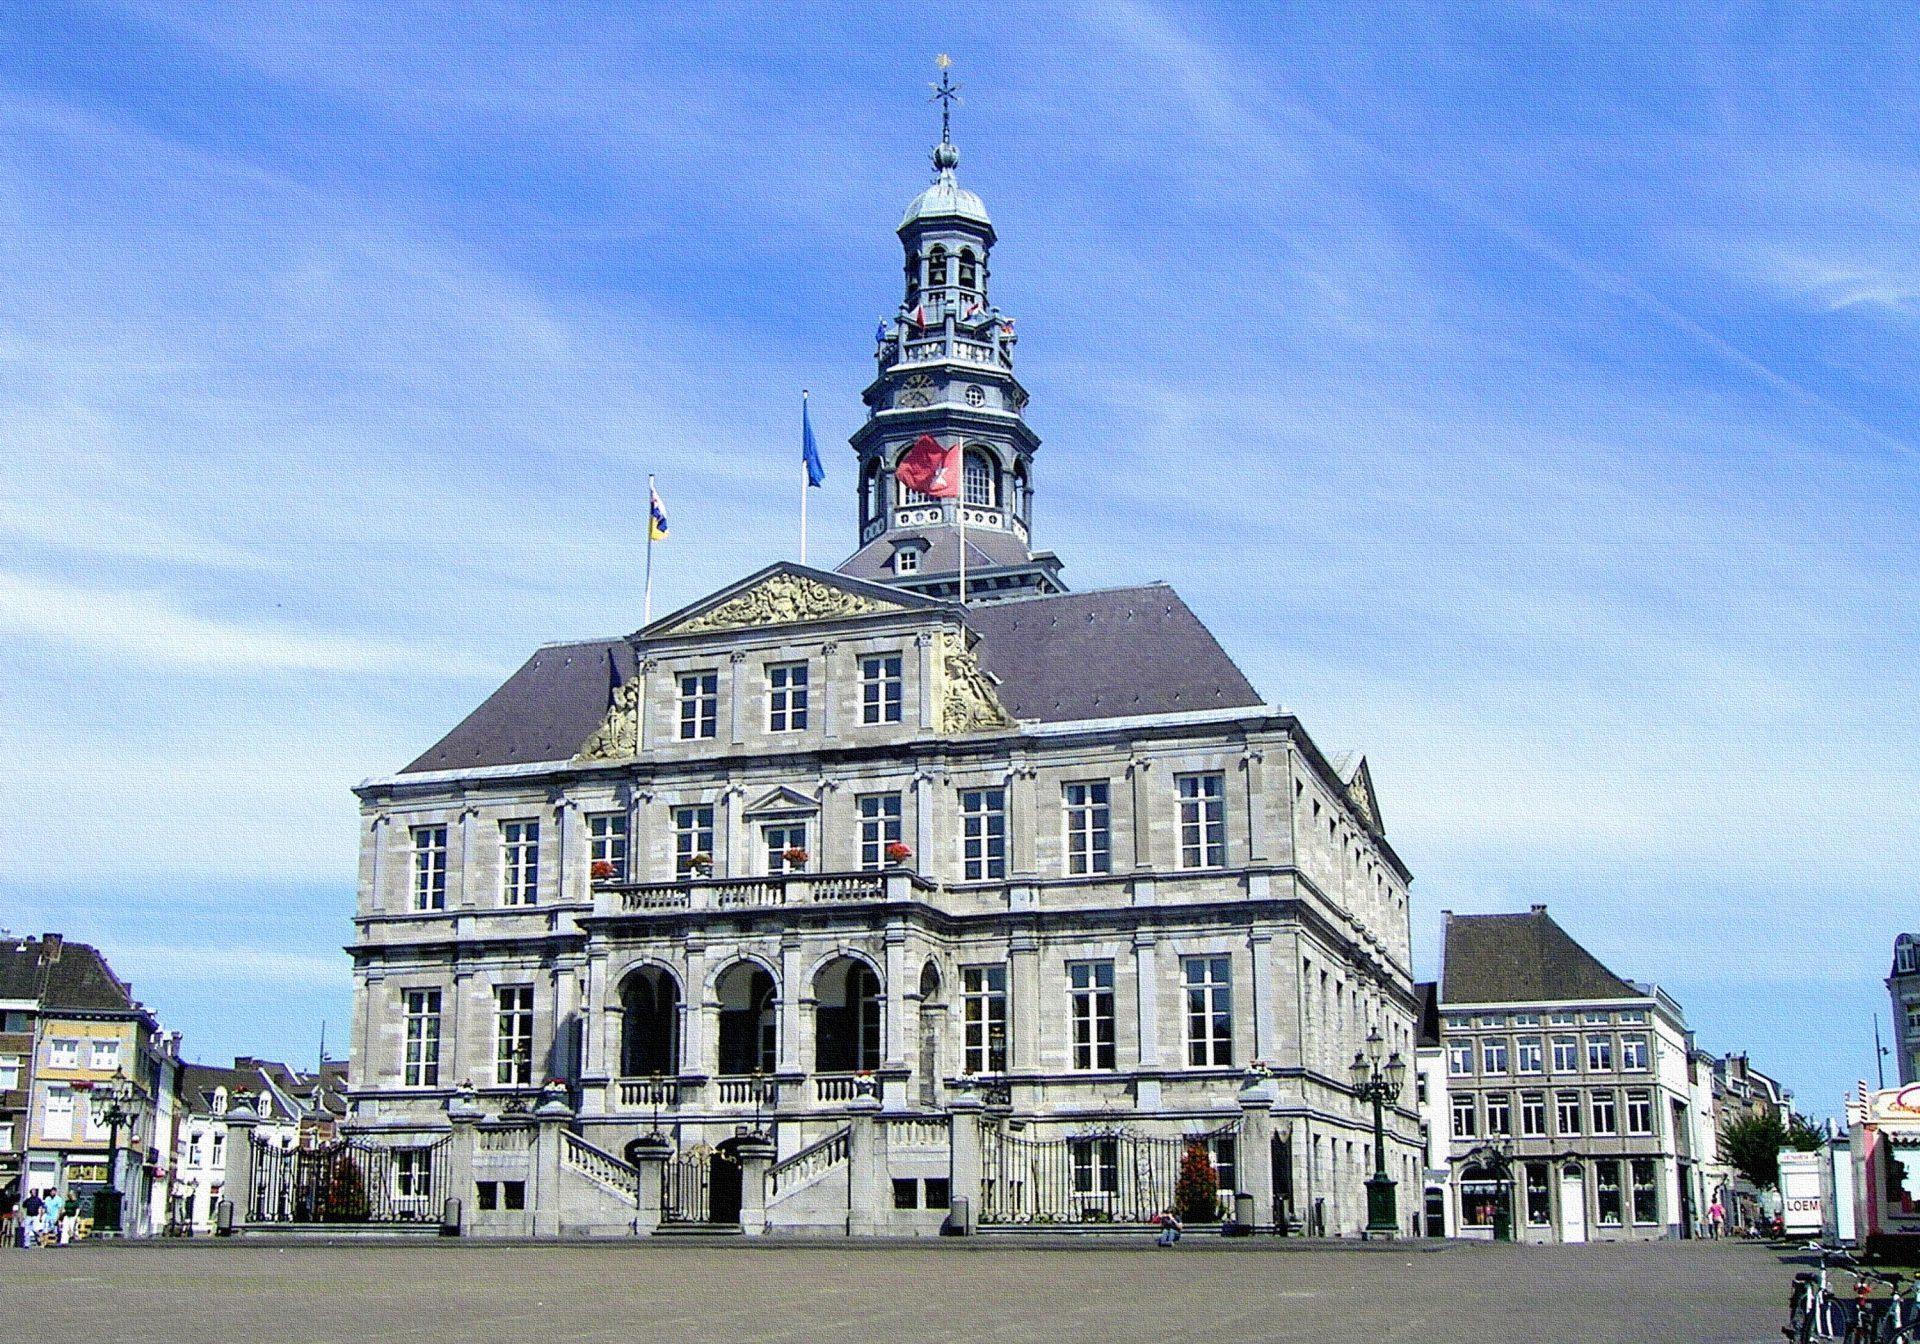 town-building-chateau-palace-city-cityscape-942282-pxhere.com_-landscape